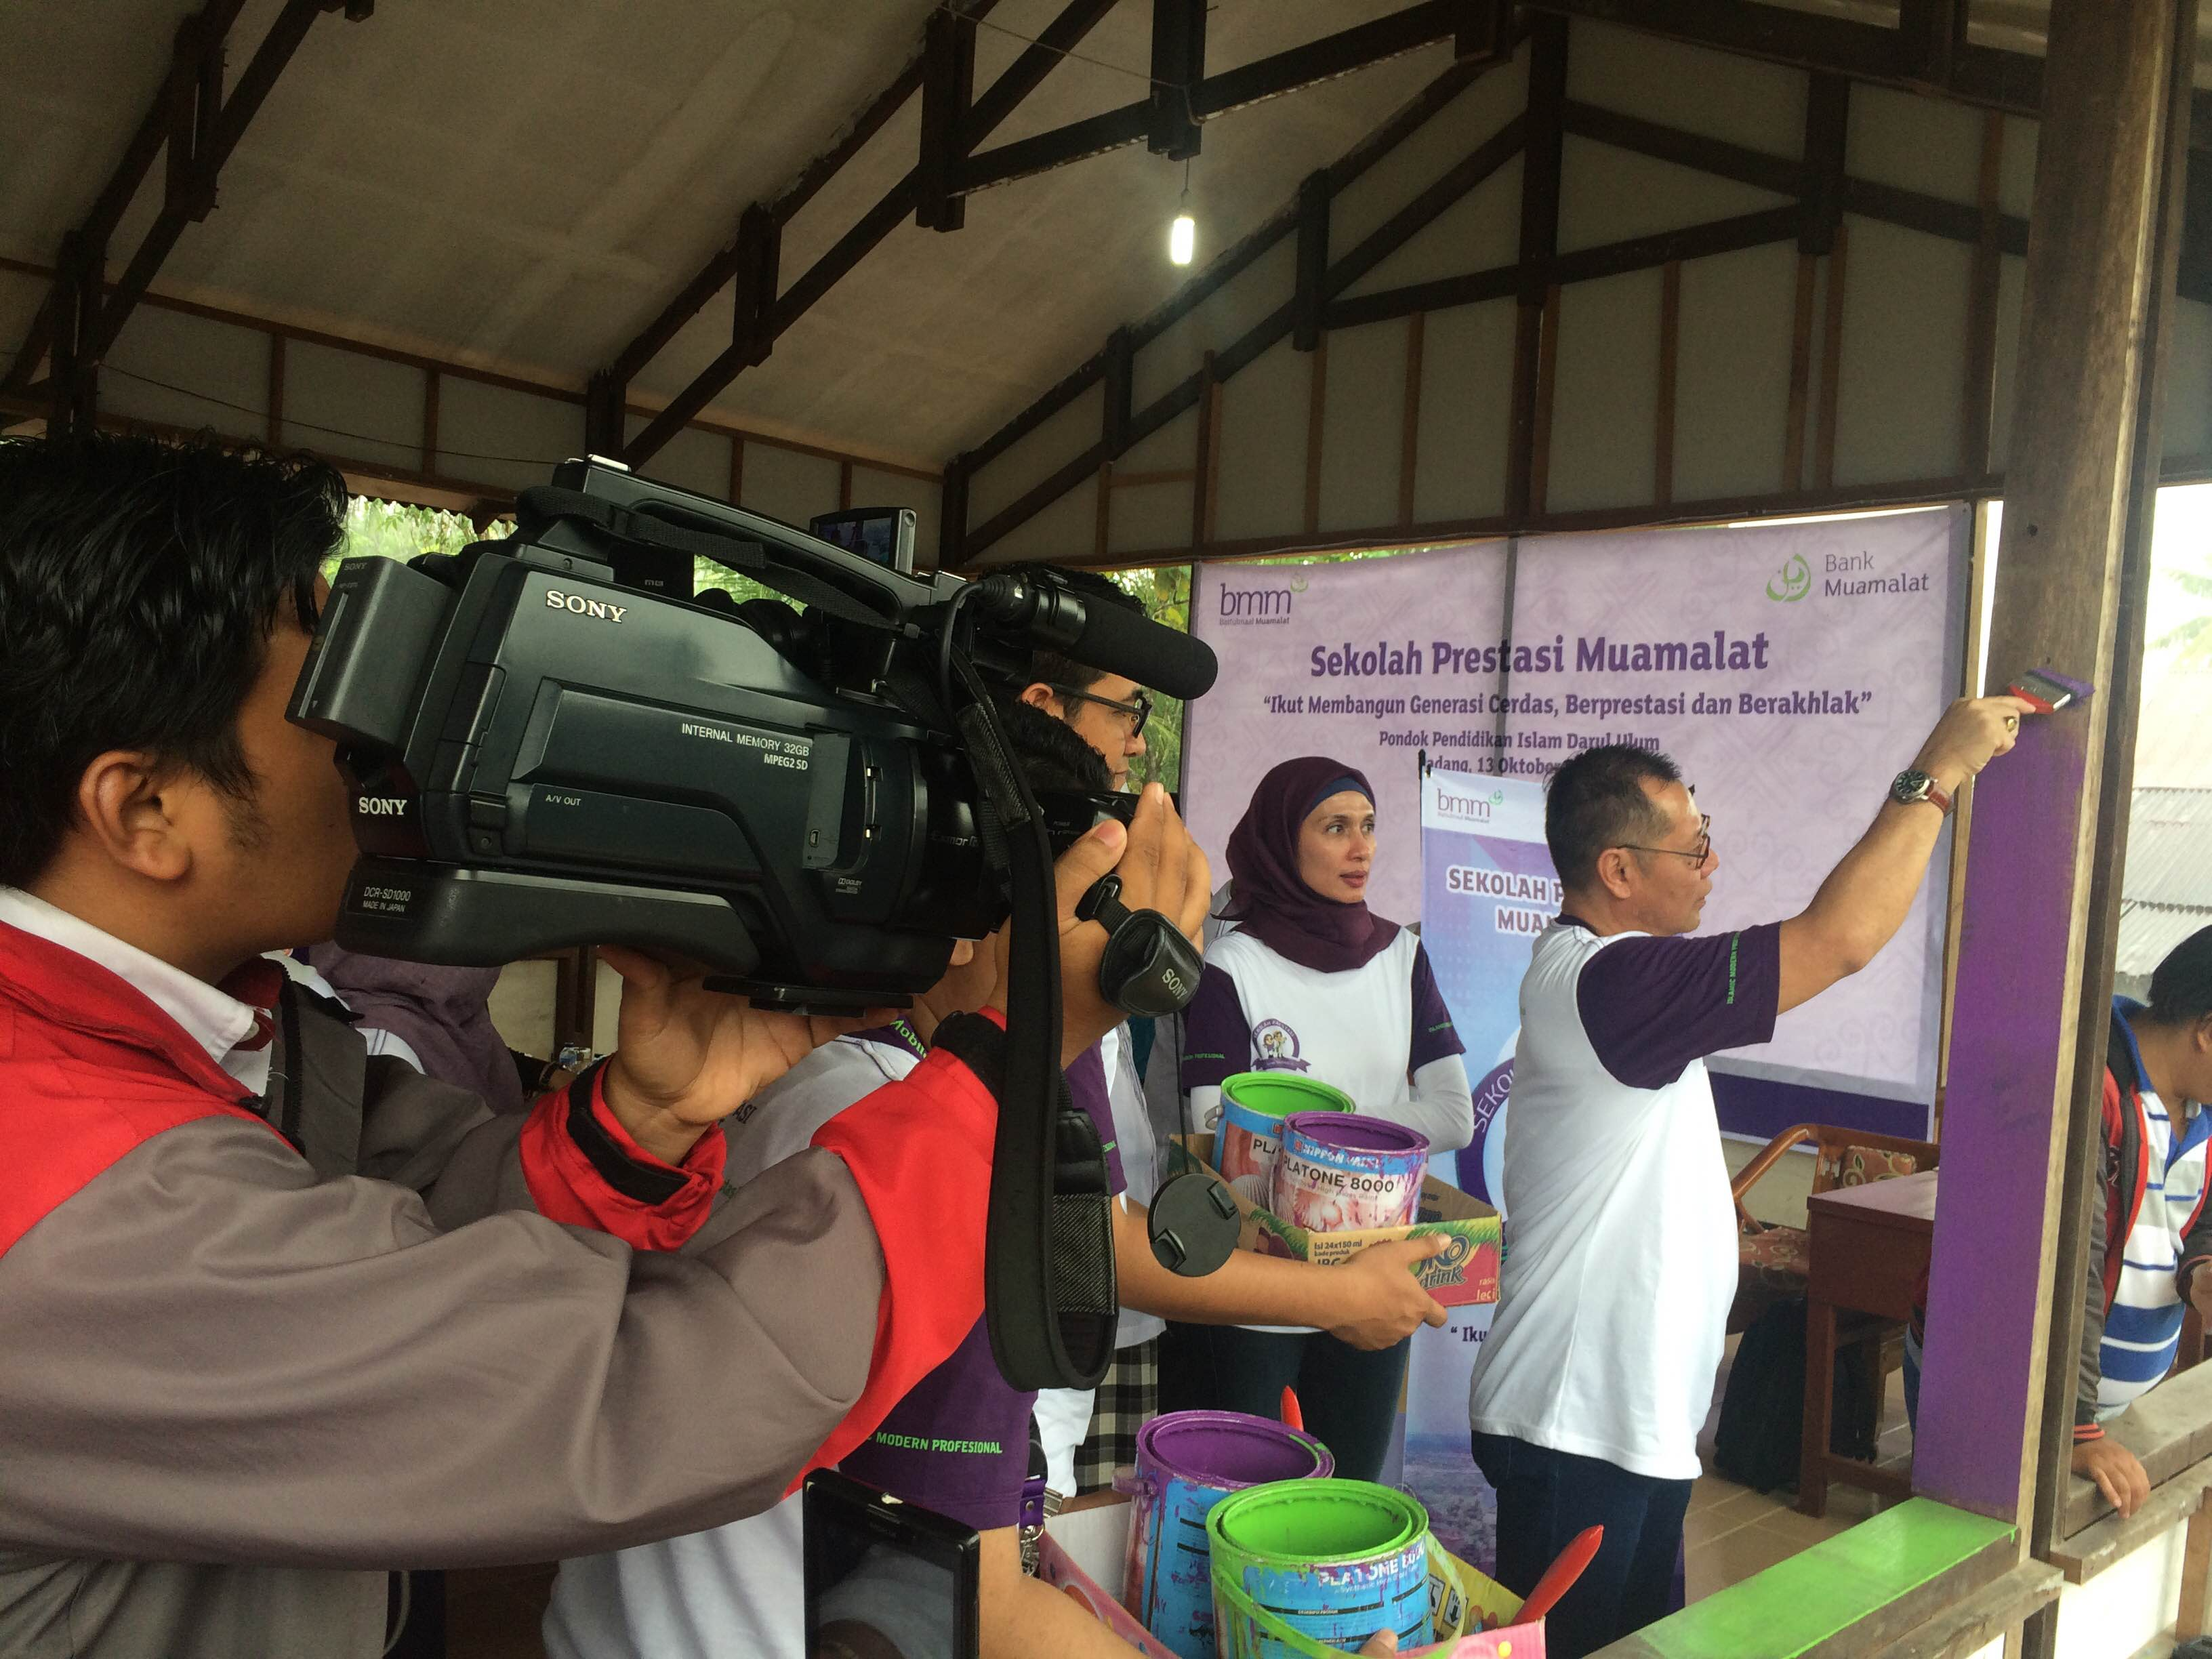 Pemberian Bantuan Dana Pendidikan oleh Bank Muamalat kepada Pesantren Darul Ulum.